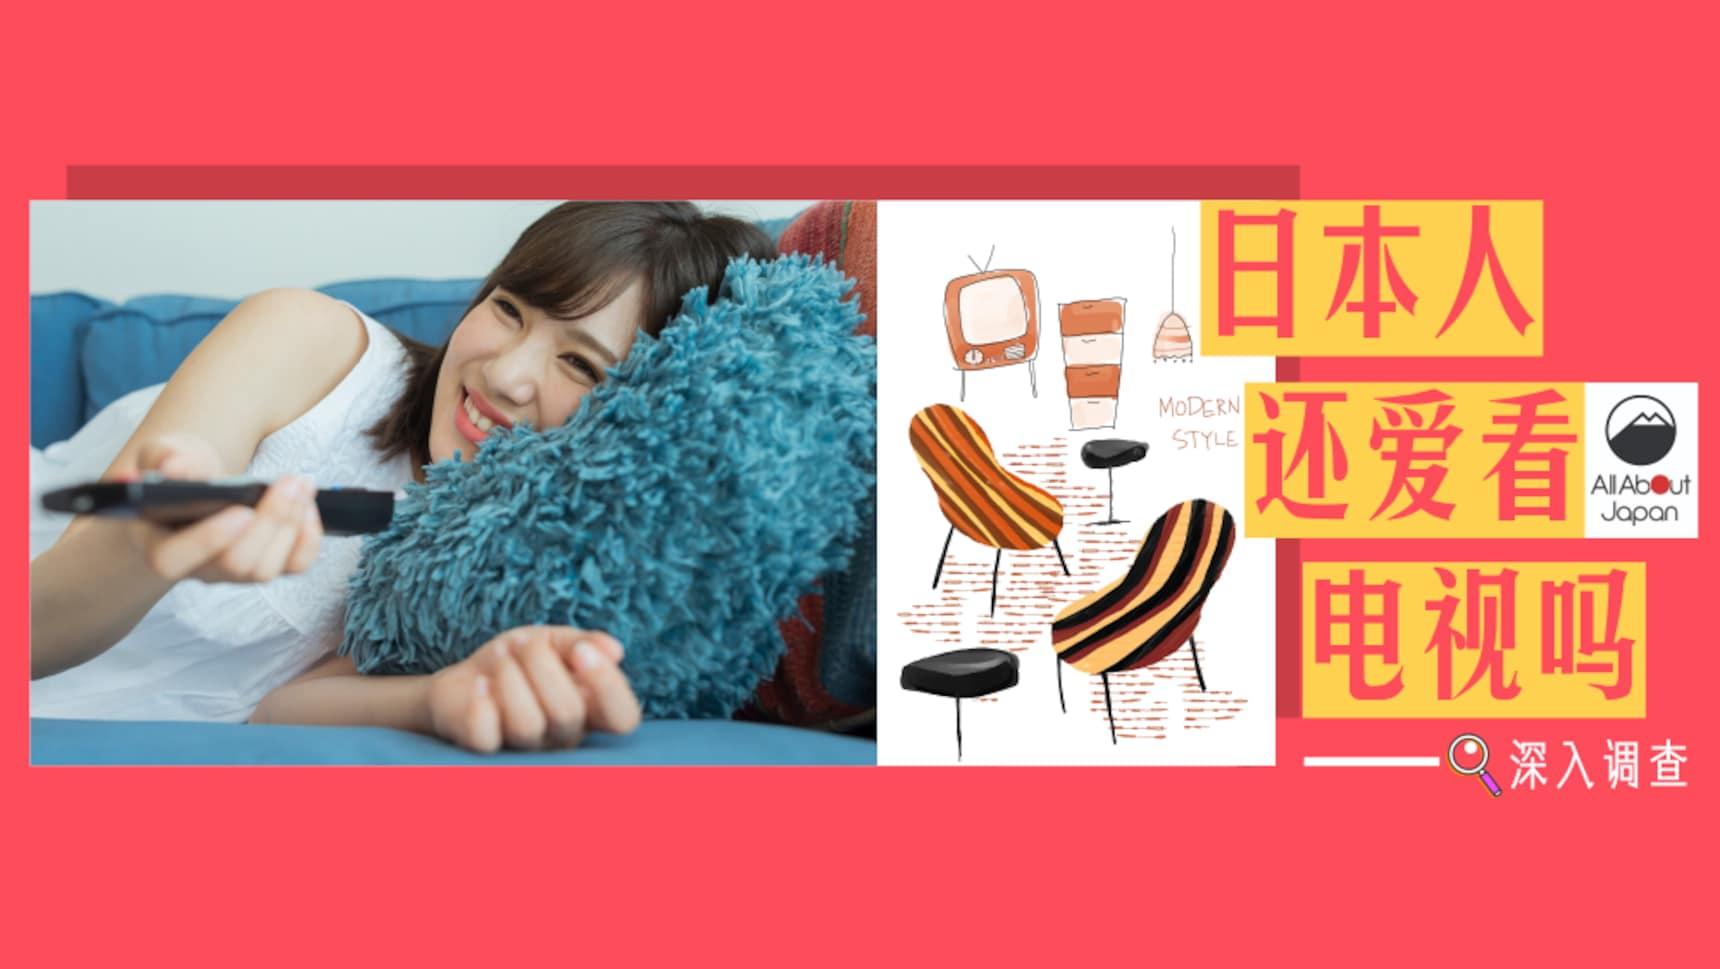 这么问有点耻但我就是很想知道 Vol.1 | 日本人有多爱看电视?!